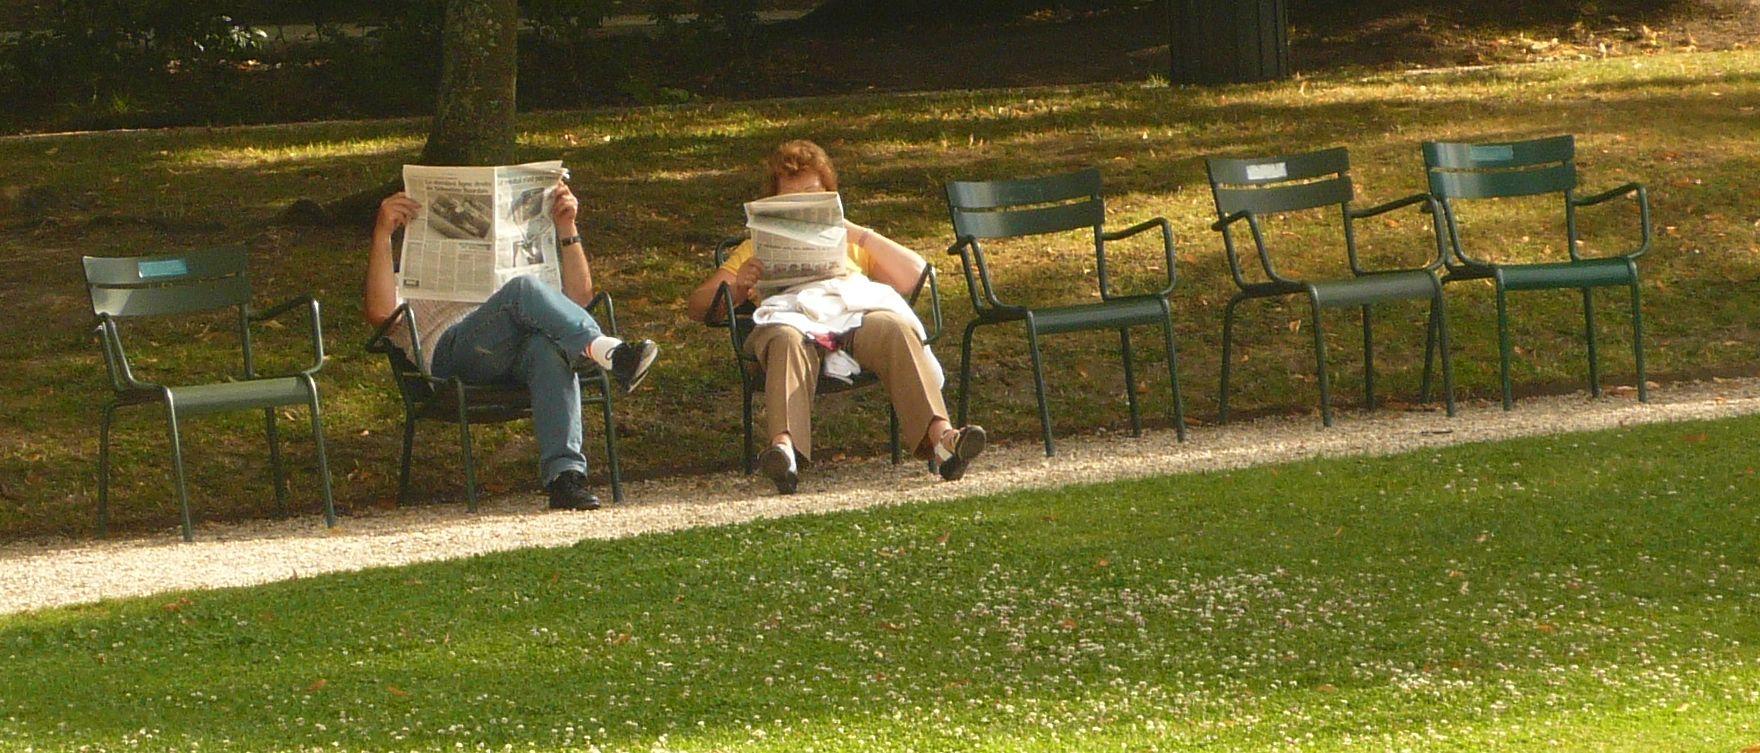 Journal, Chaises, Homme, Femme à Caillebotte, circulez il y a plein de choses à voir à Caillebotte!